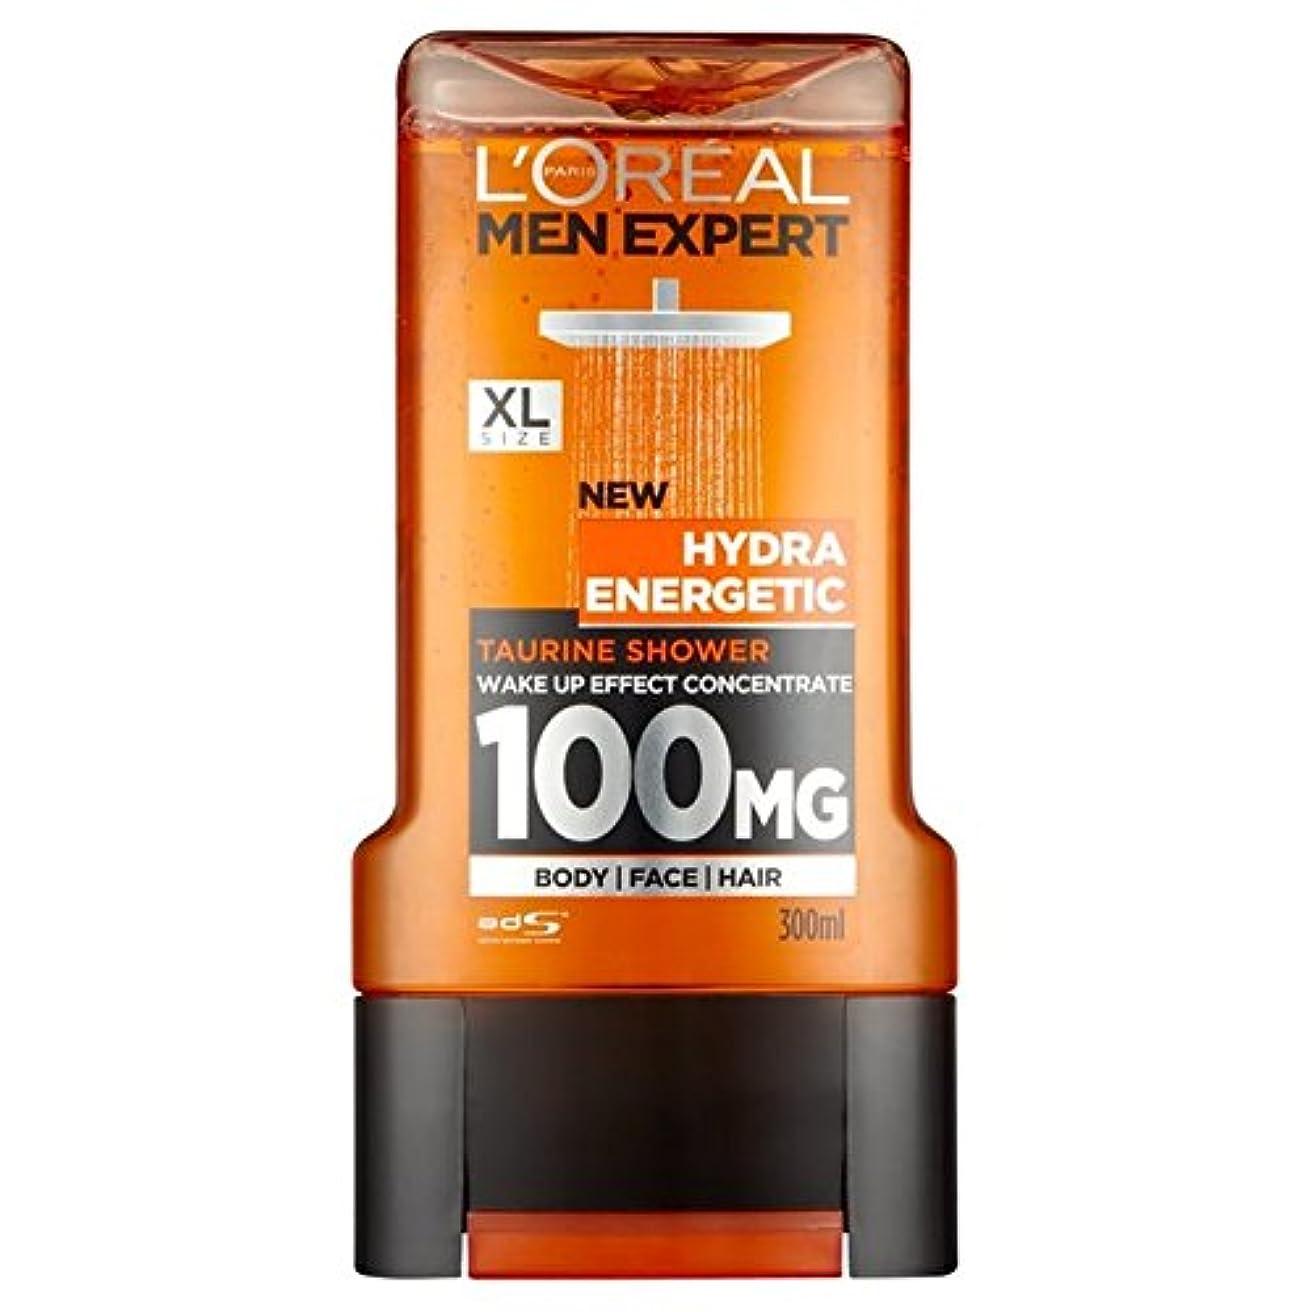 赤所得鼻ロレアルパリのメンズ専門家ヒドラエネルギッシュなシャワージェル300ミリリットル x2 - L'Oreal Paris Men Expert Hydra Energetic Shower Gel 300ml (Pack of 2) [並行輸入品]